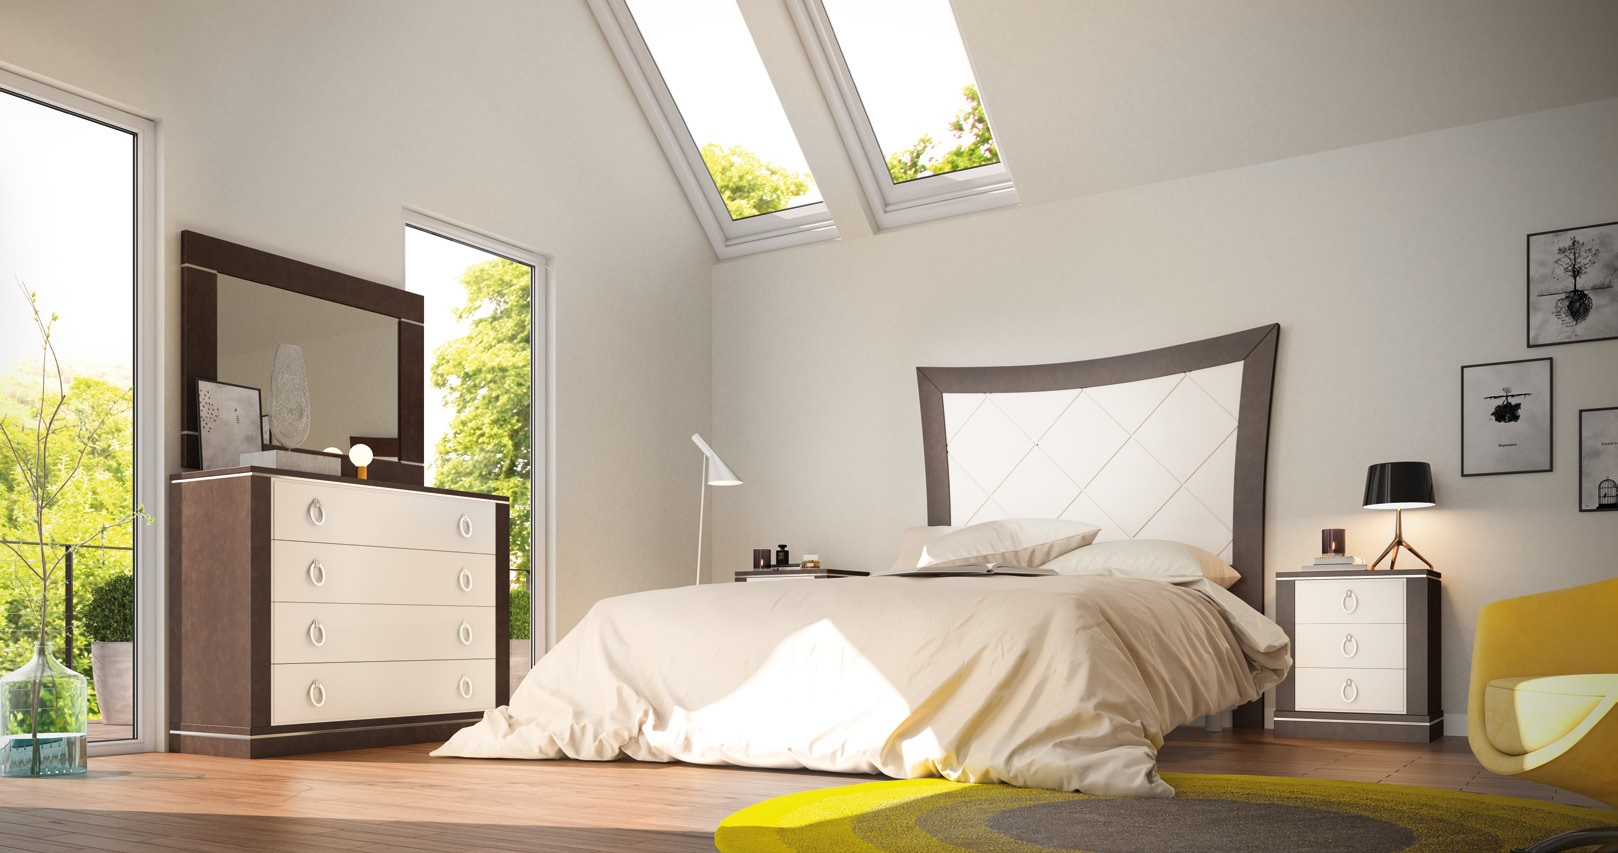 dormitorio-contemporaneo-Colecc-oporto-muebles-paco-caballero-1202-5cb4bcd24ba83